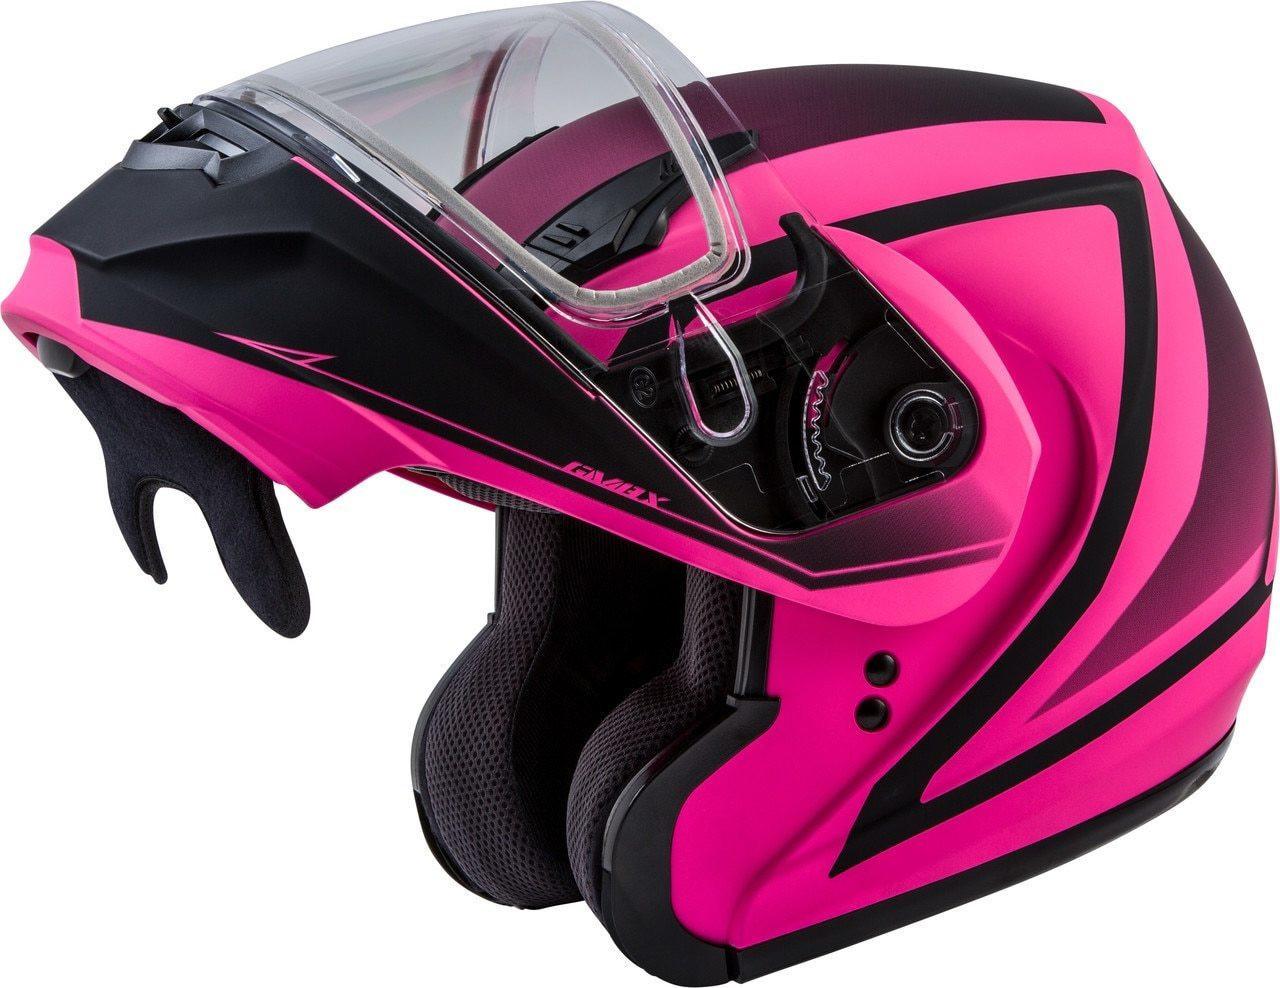 GMAX MD-04S Docket Snow Helmet Matte Hi-Vis Pink/Black